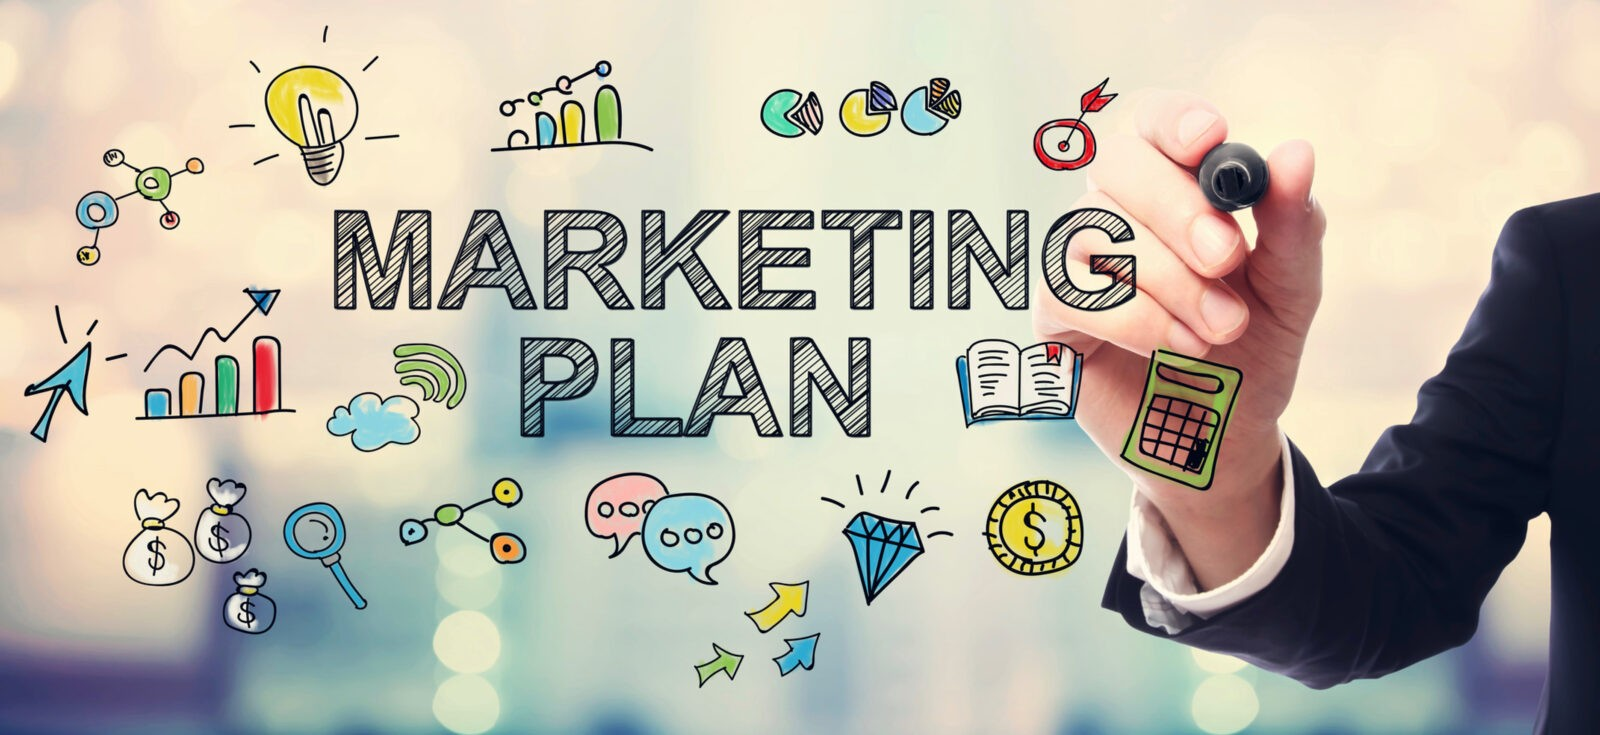 marketing plan - Партнерские программы и как на них зарабатывать